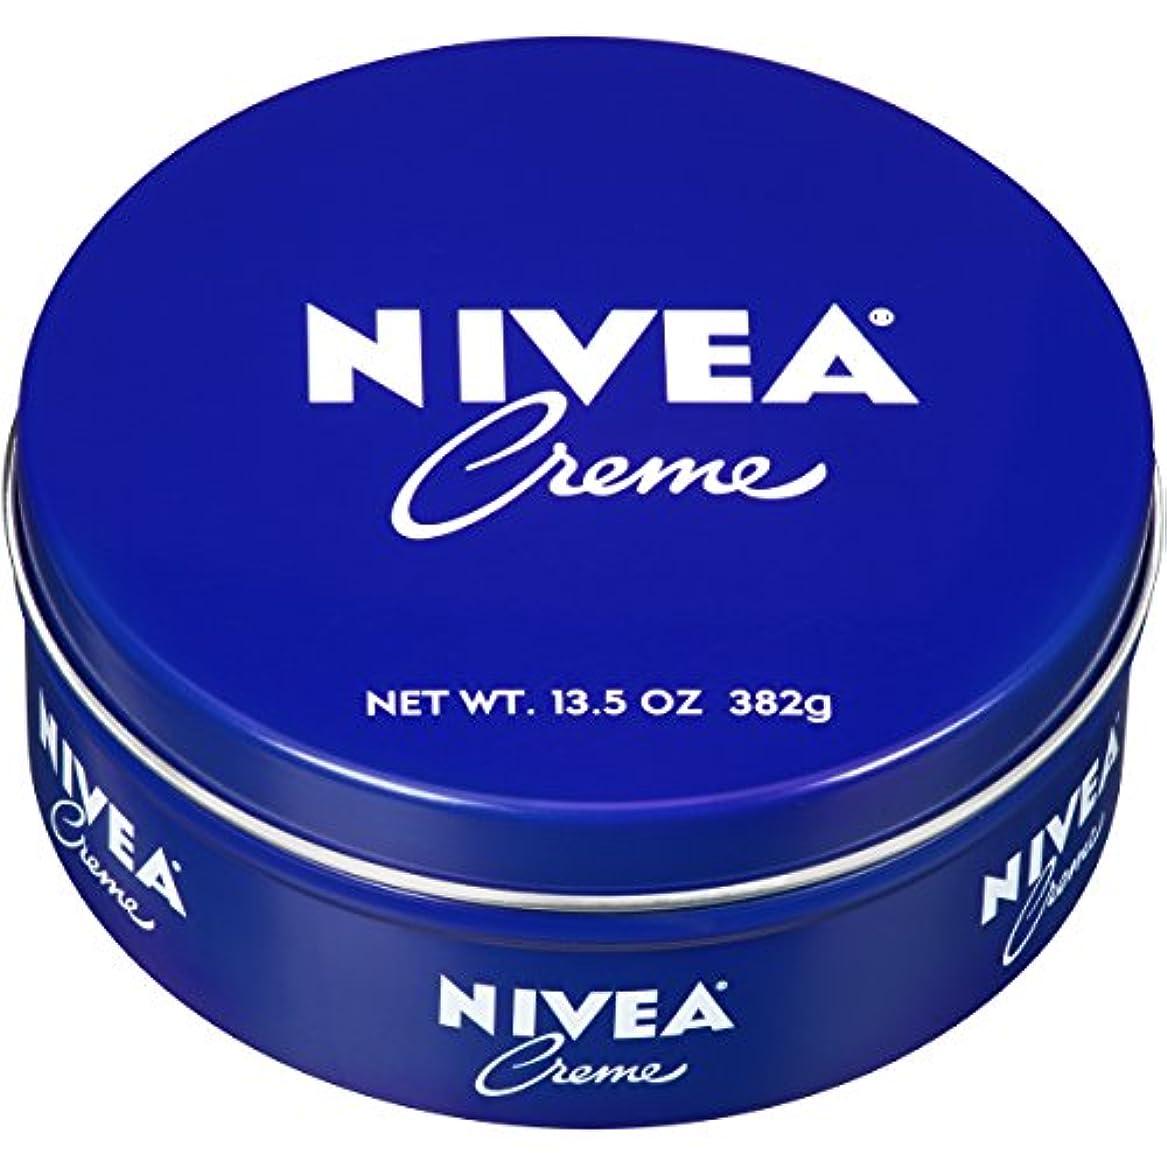 NIVEA ニベア クリーム 特大サイズ 400g アルミ缶